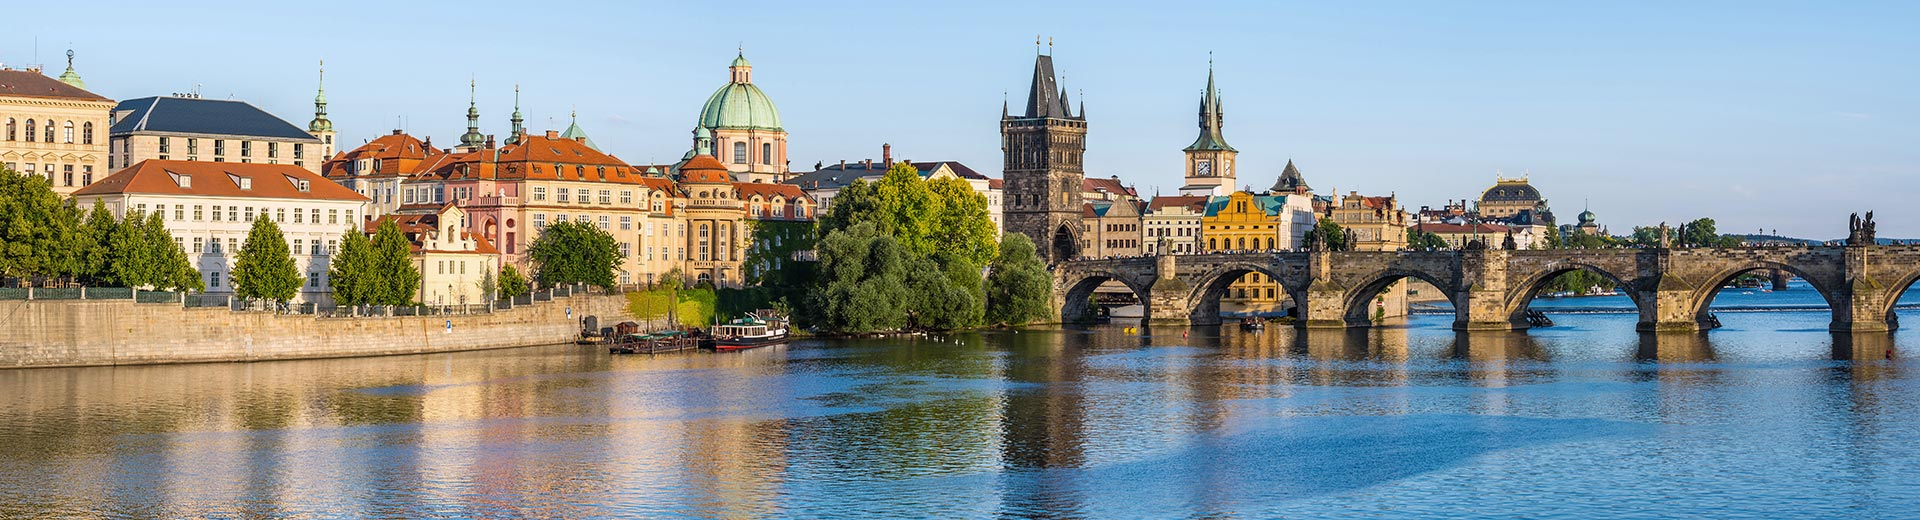 Gruppenreise Prag - Package Gruppen Classic Bahn